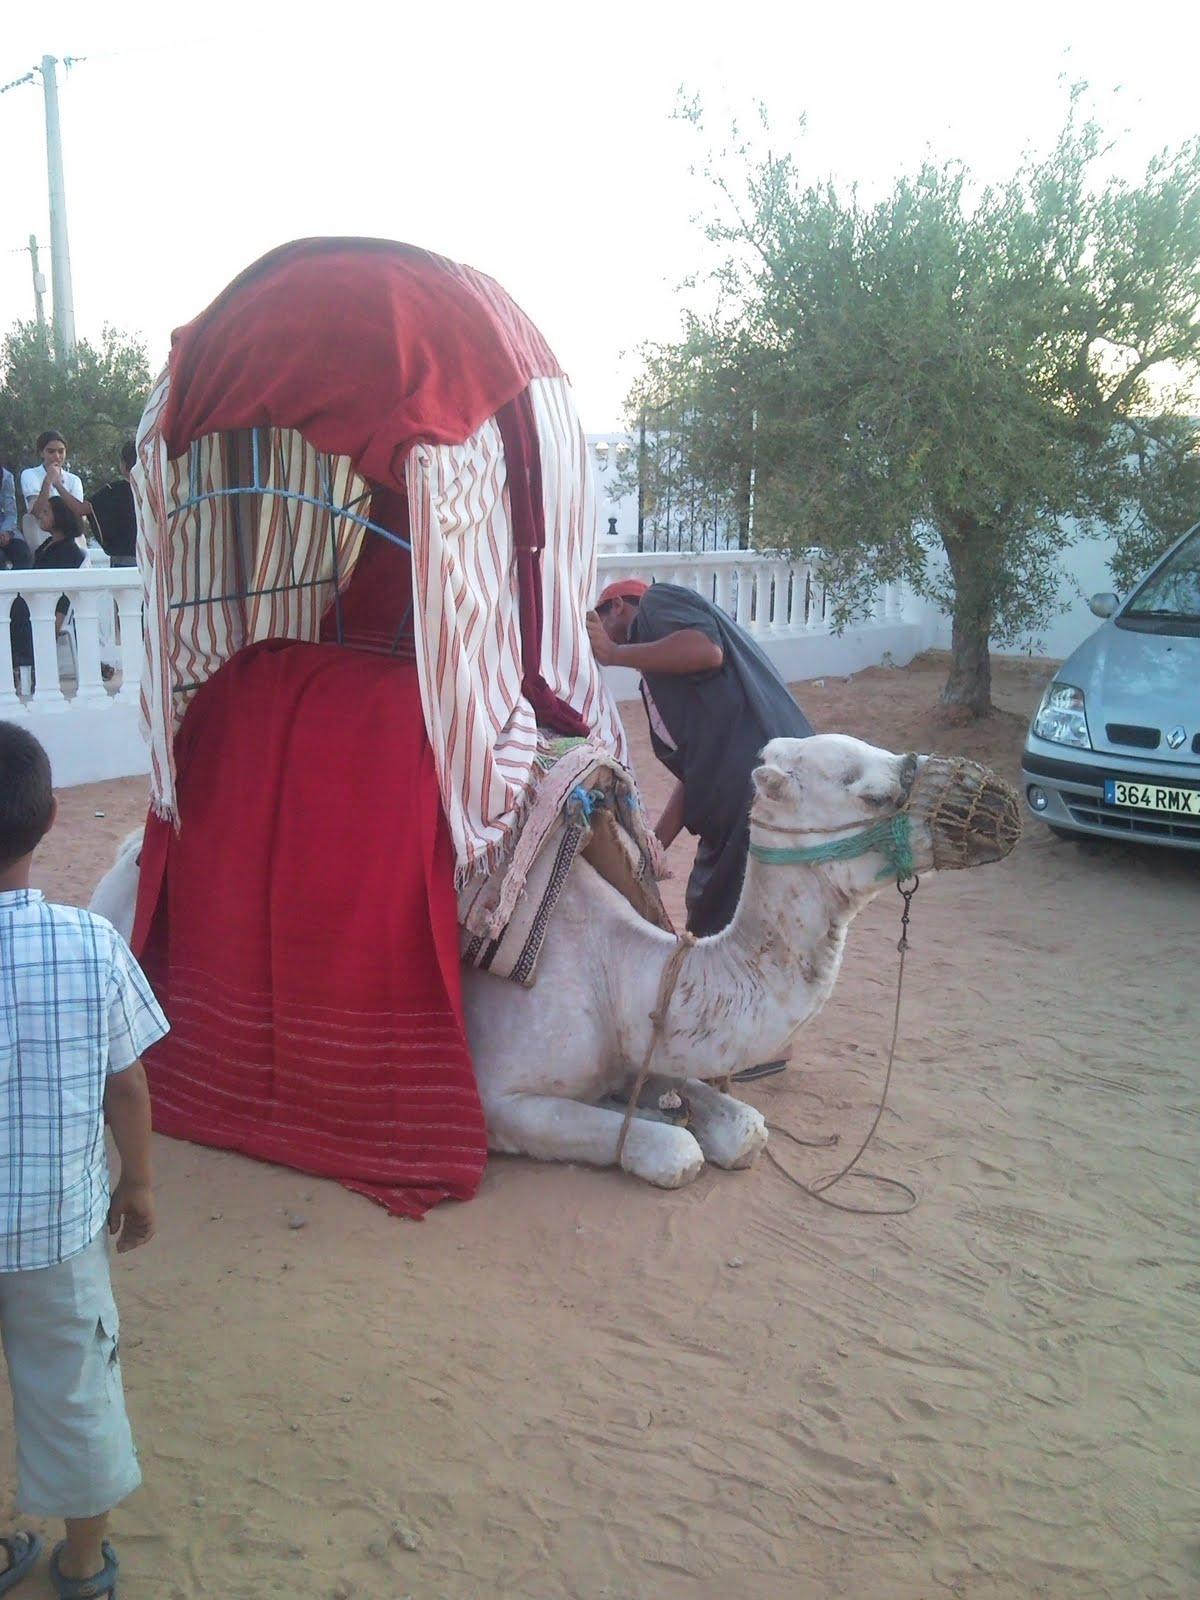 profils du chameau pour le reconnatre au cas o vous veniez le croiser - Location De Chameau Pour Mariage